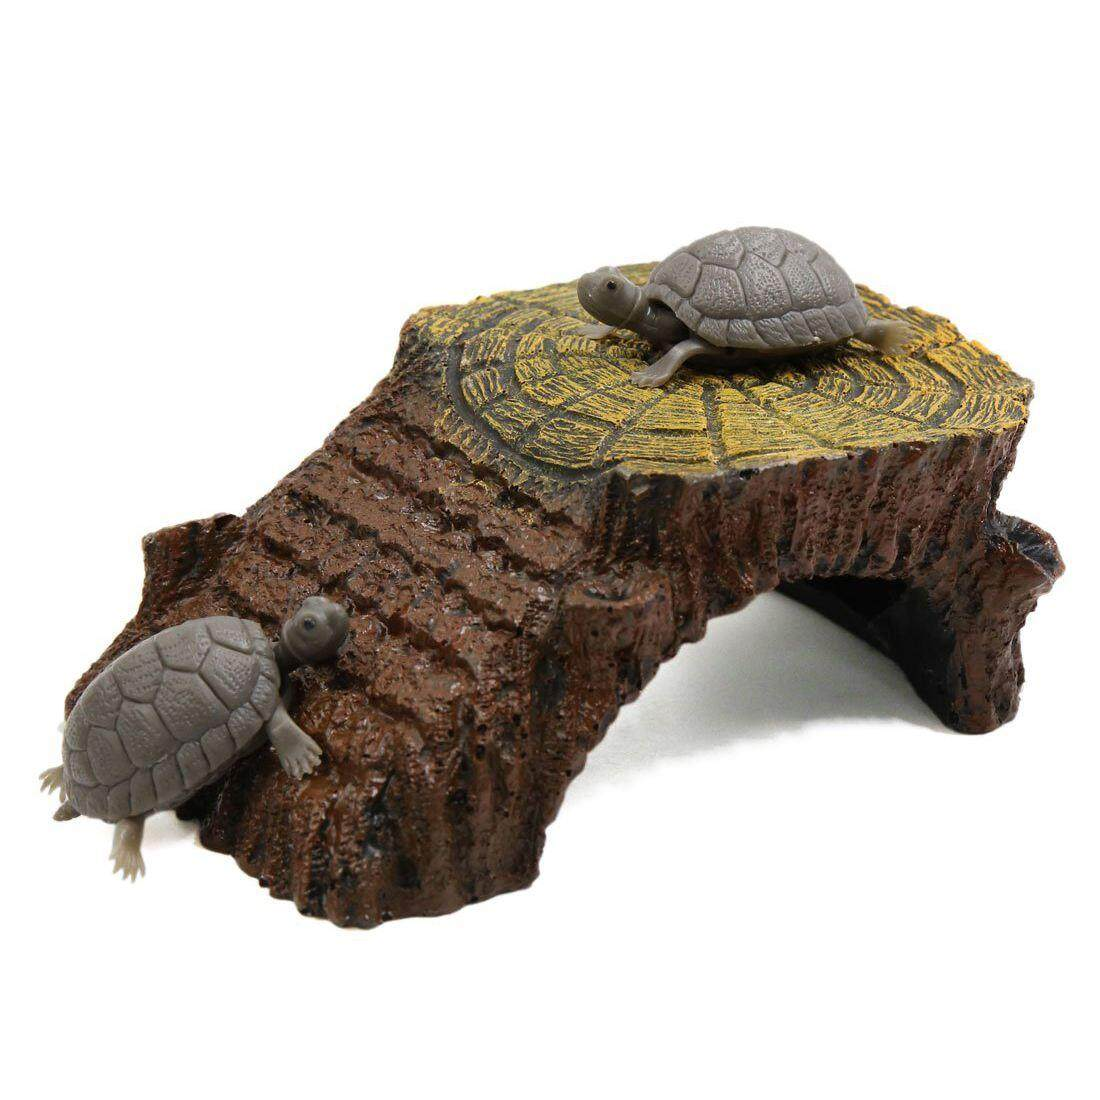 Ramp Mounted Resin Hut Habitat Landscape Aquarium For Aquatic Turtle Decoration By Superbuy888.